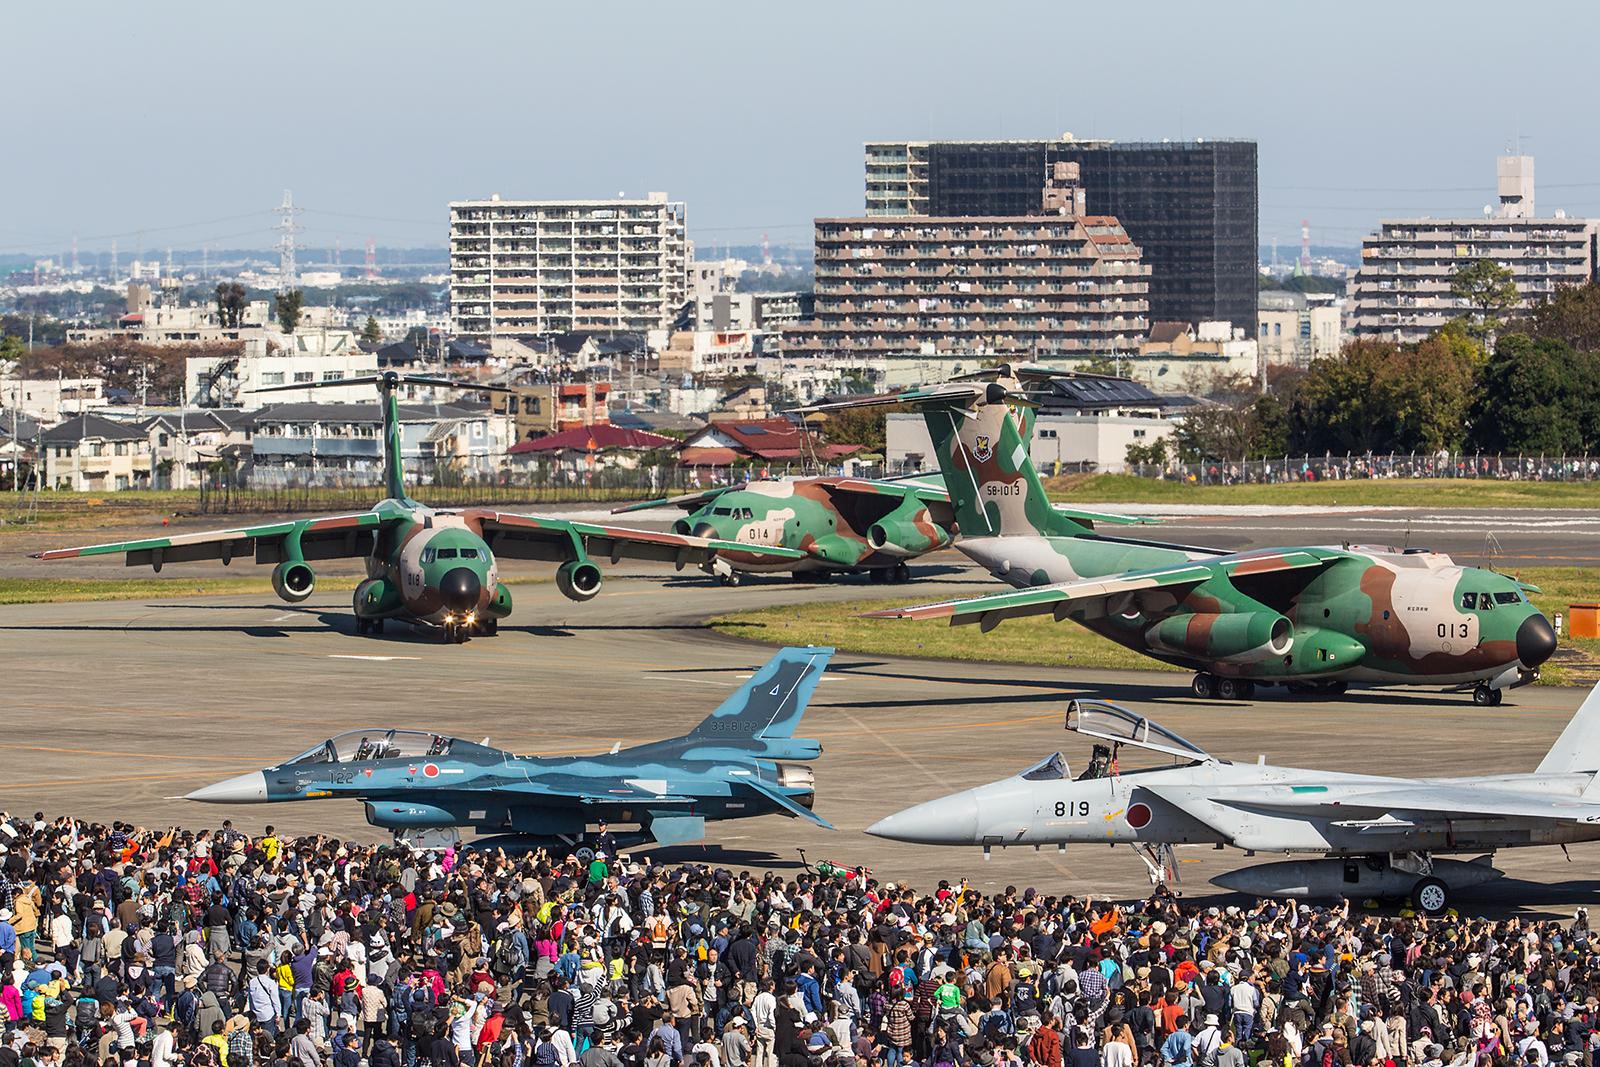 Insgesamt acht Maschinen rollten dann an den rund 250.000 Zuschauern vorbei.